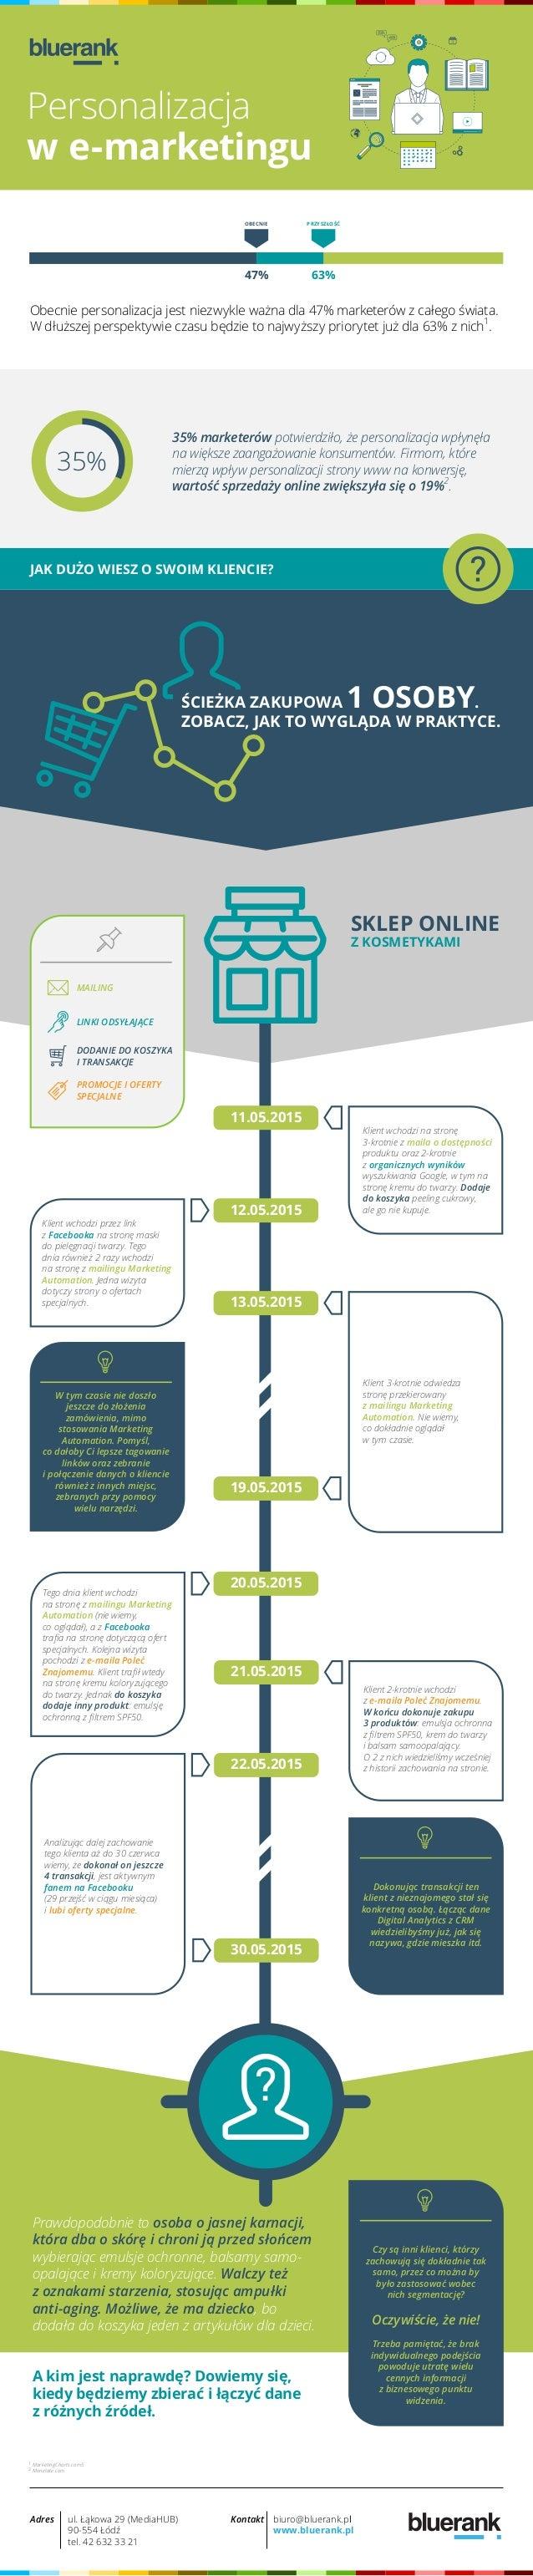 Personalizacja w e-marketingu JAK DUŻO WIESZ O SWOIM KLIENCIE? Klient wchodzi na stronę 3-krotnie z maila o dostępności pr...